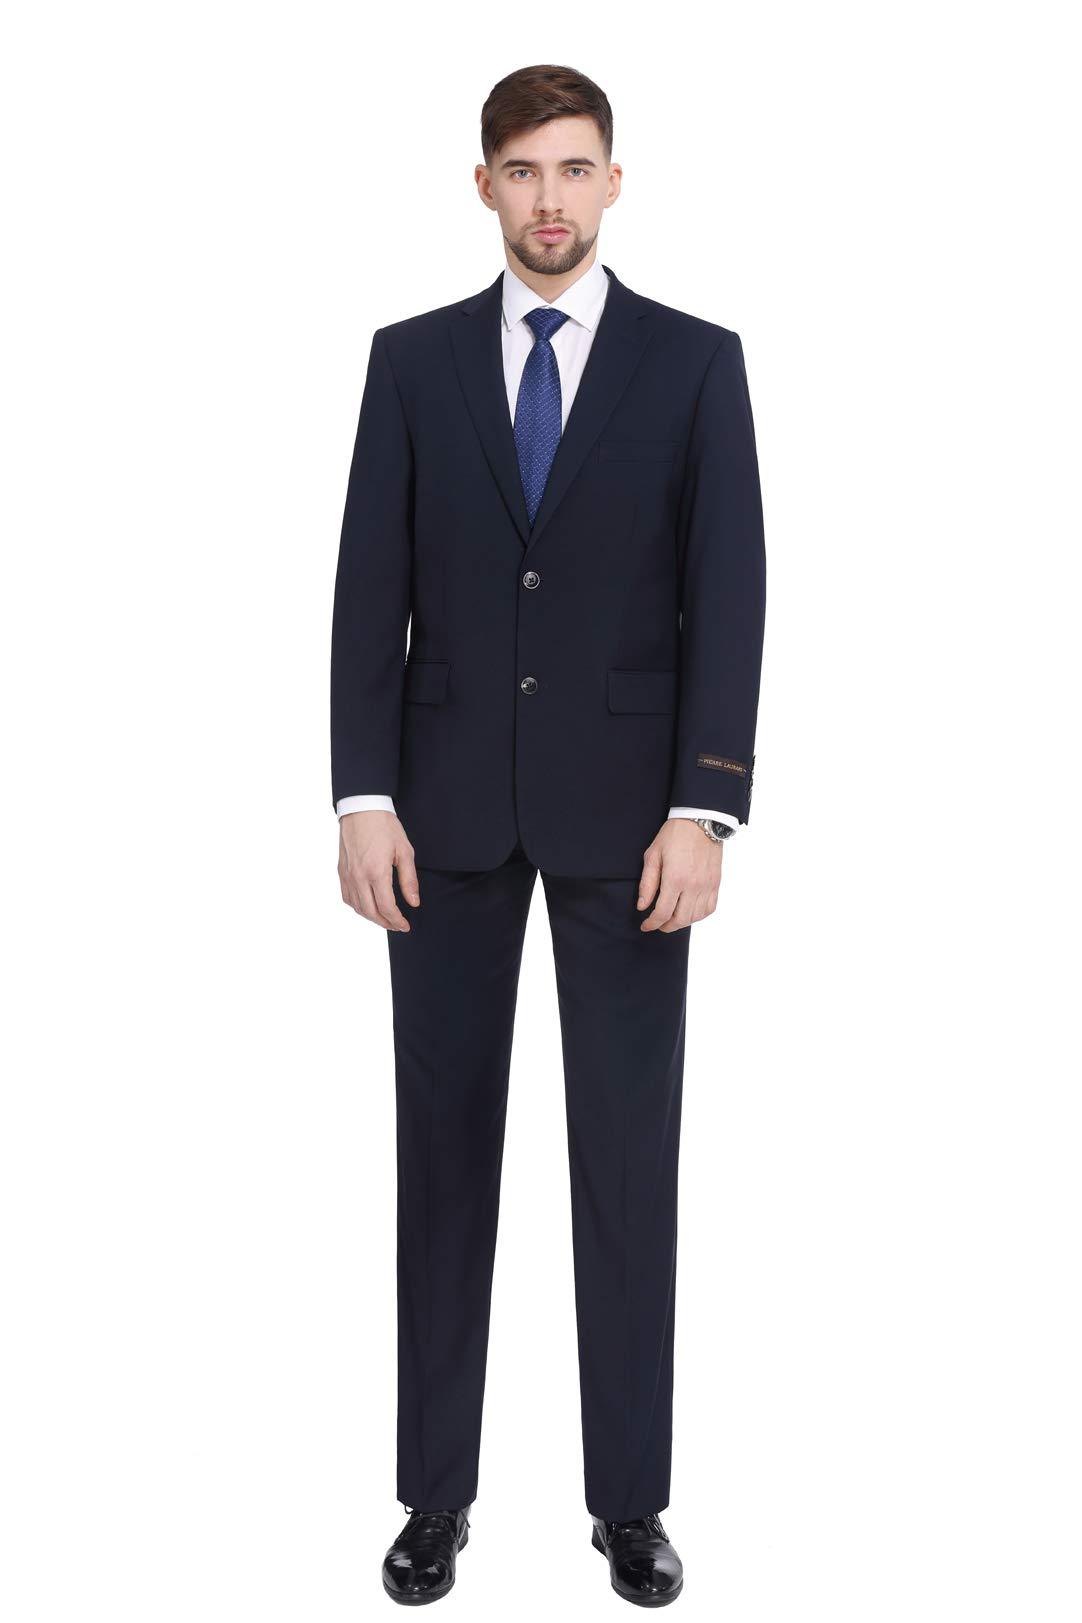 P/&L 2-Piece Mens Classic Fit Wool Blend Dress Suit Jacket /& Pants Set